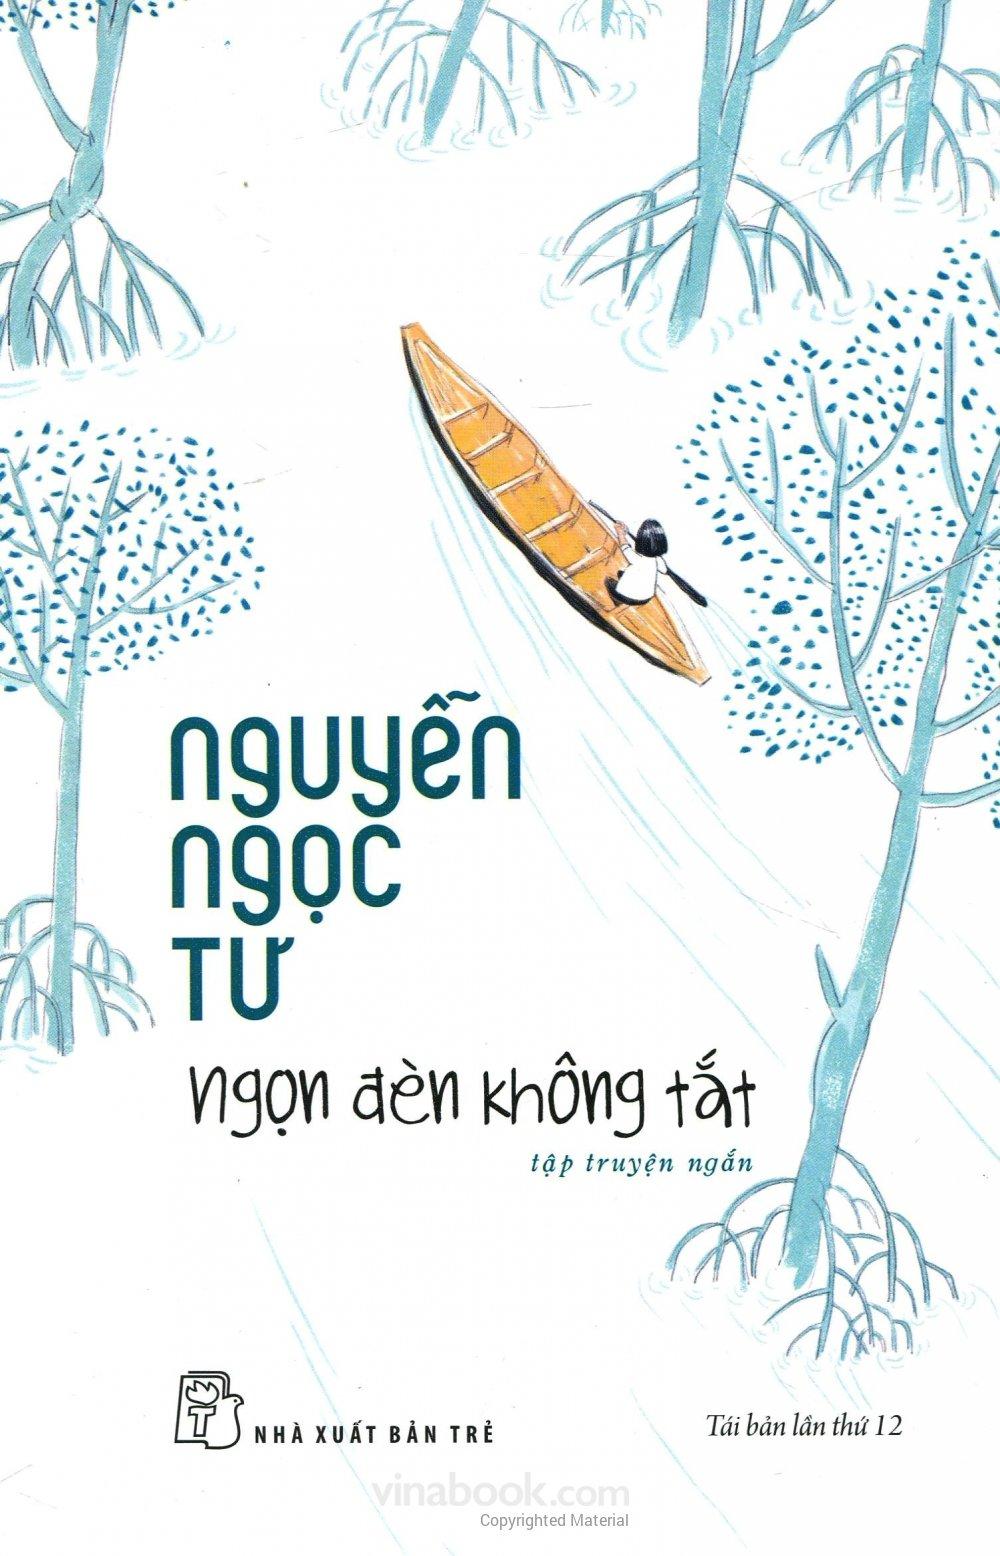 Ngọn Đèn Không Tắt - Nguyễn Ngọc Tư